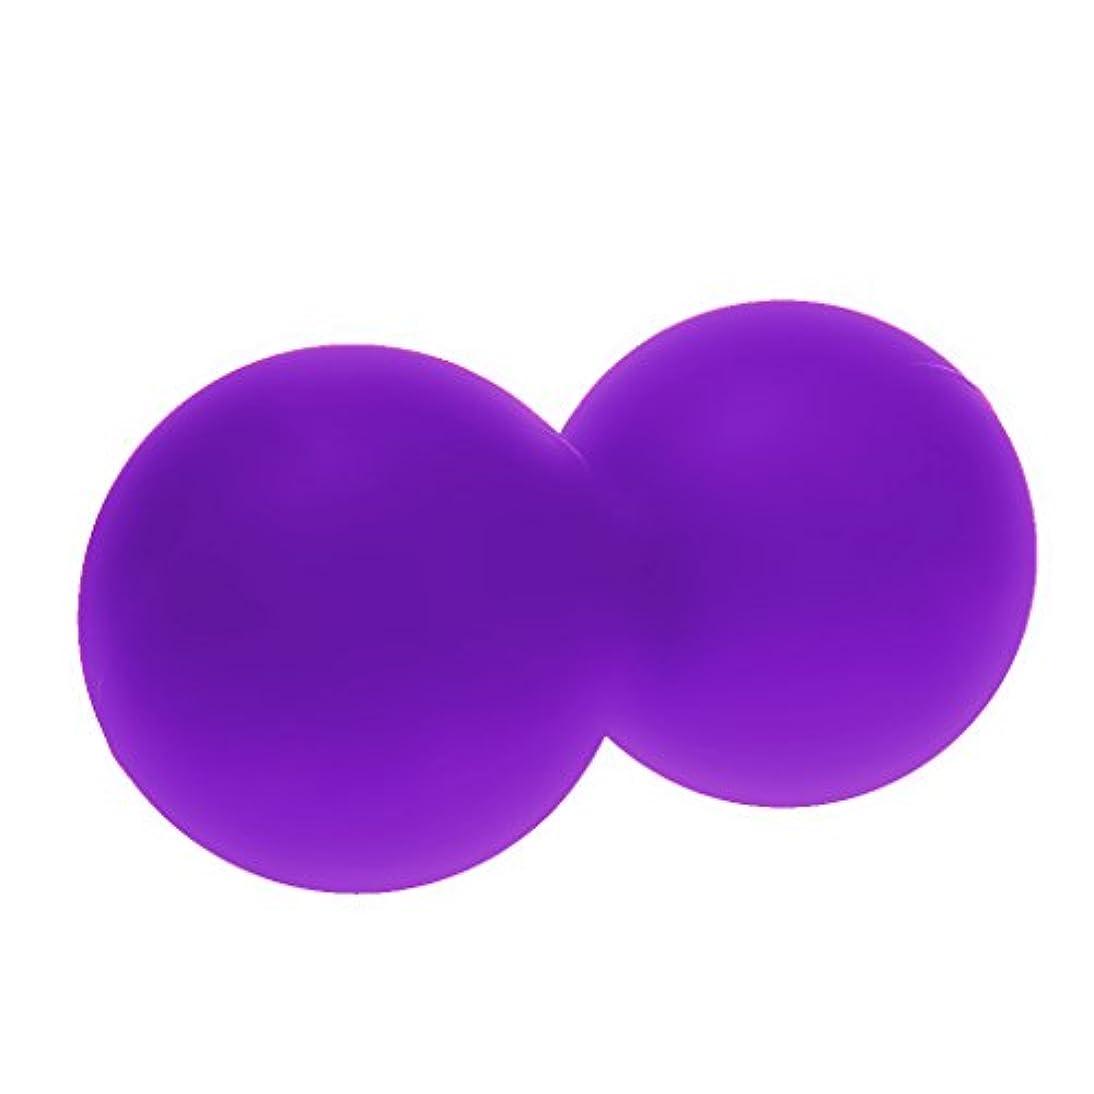 グラム流出空気小型 マッサージボール 全身 セルフマッサージツール トリガーポイント シリコーン ソフトボール パープル